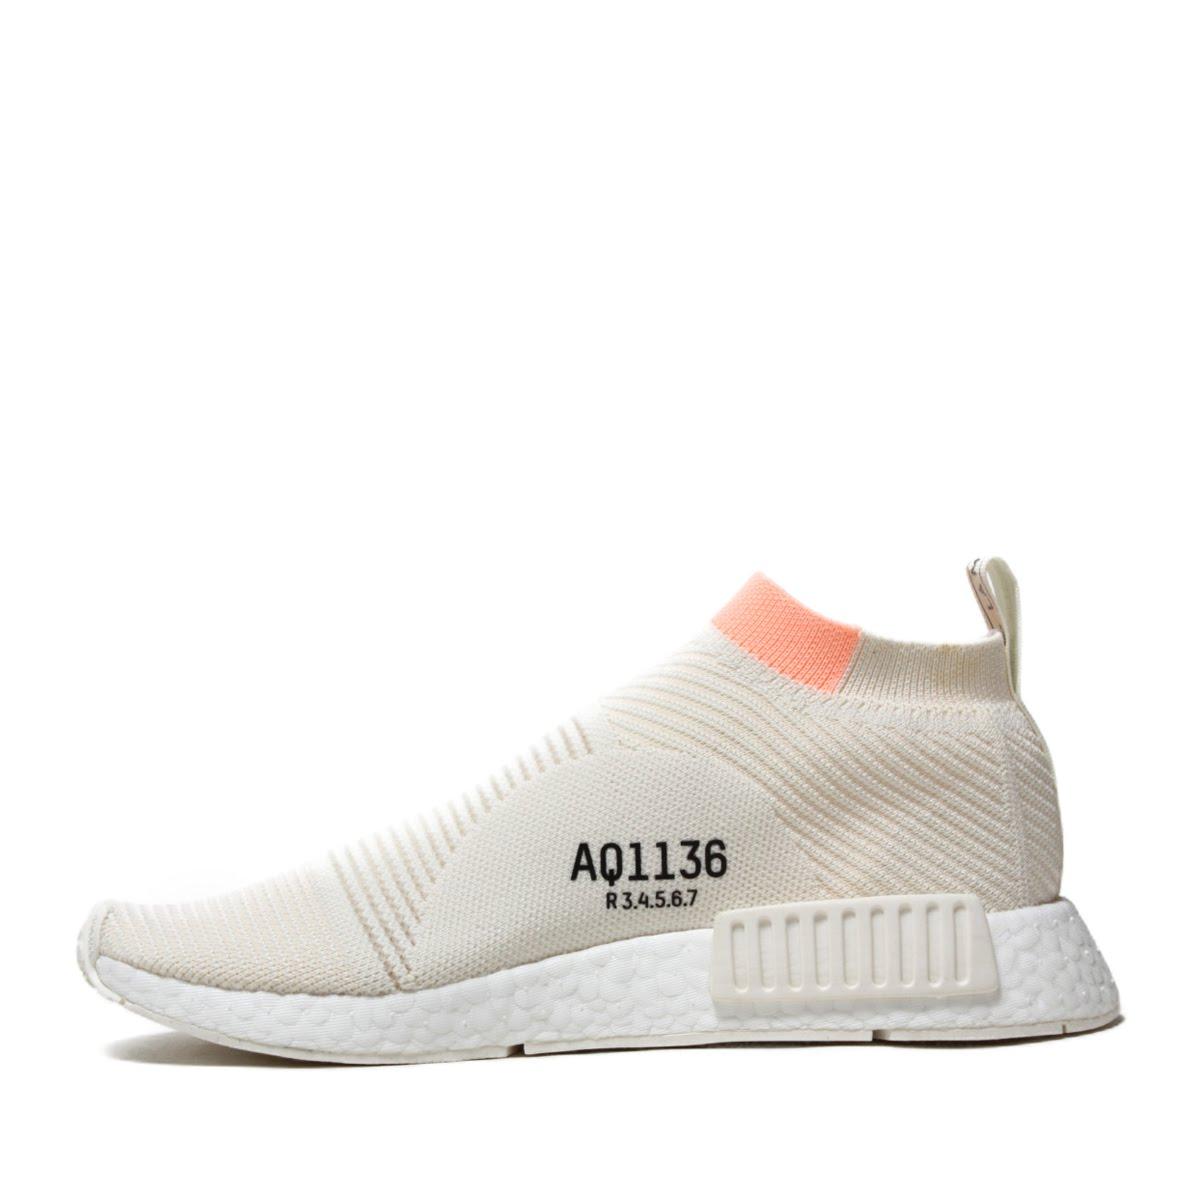 atmos pink: adidas Originals NMD CS1 PK W (Adidas originals